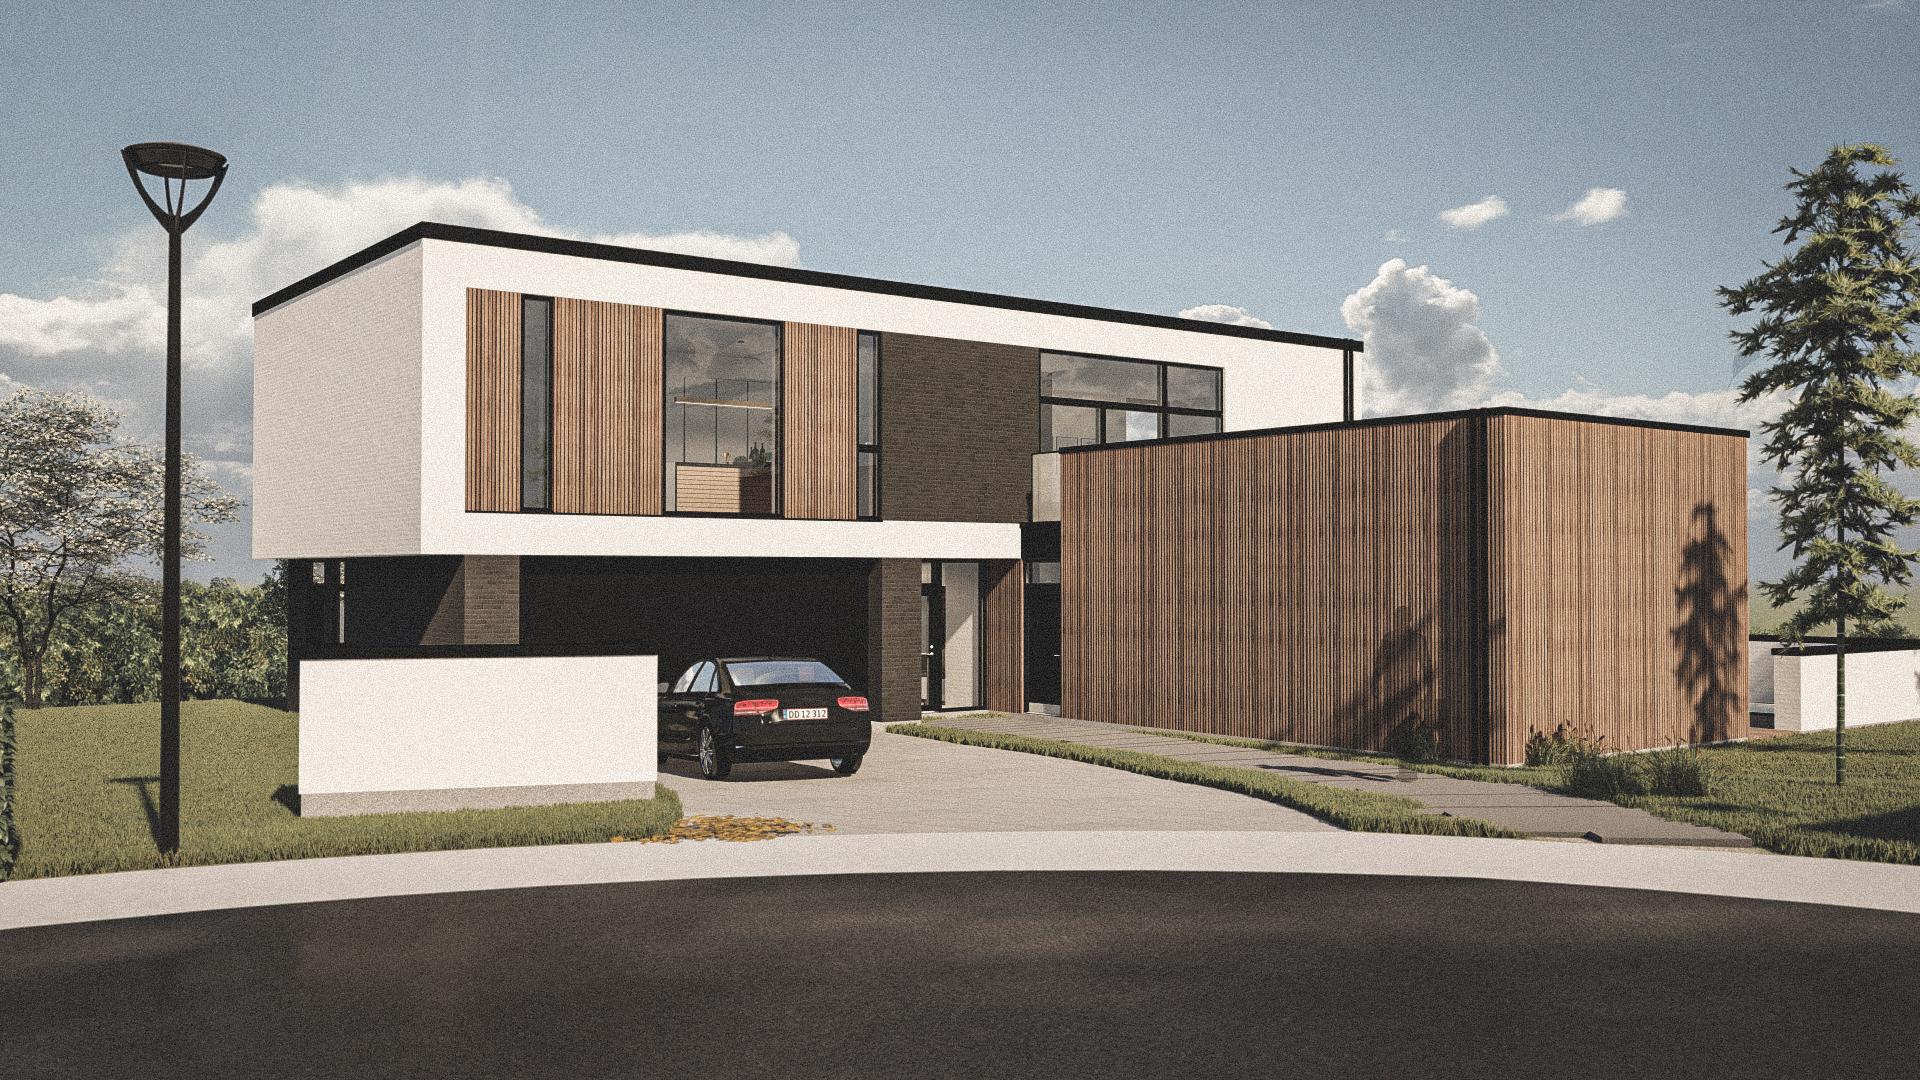 Billede af Dansk arkitekttegnet 2 plan villa af arkitektfirmaet m2plus, i Morud på 287 kvartratmeter.